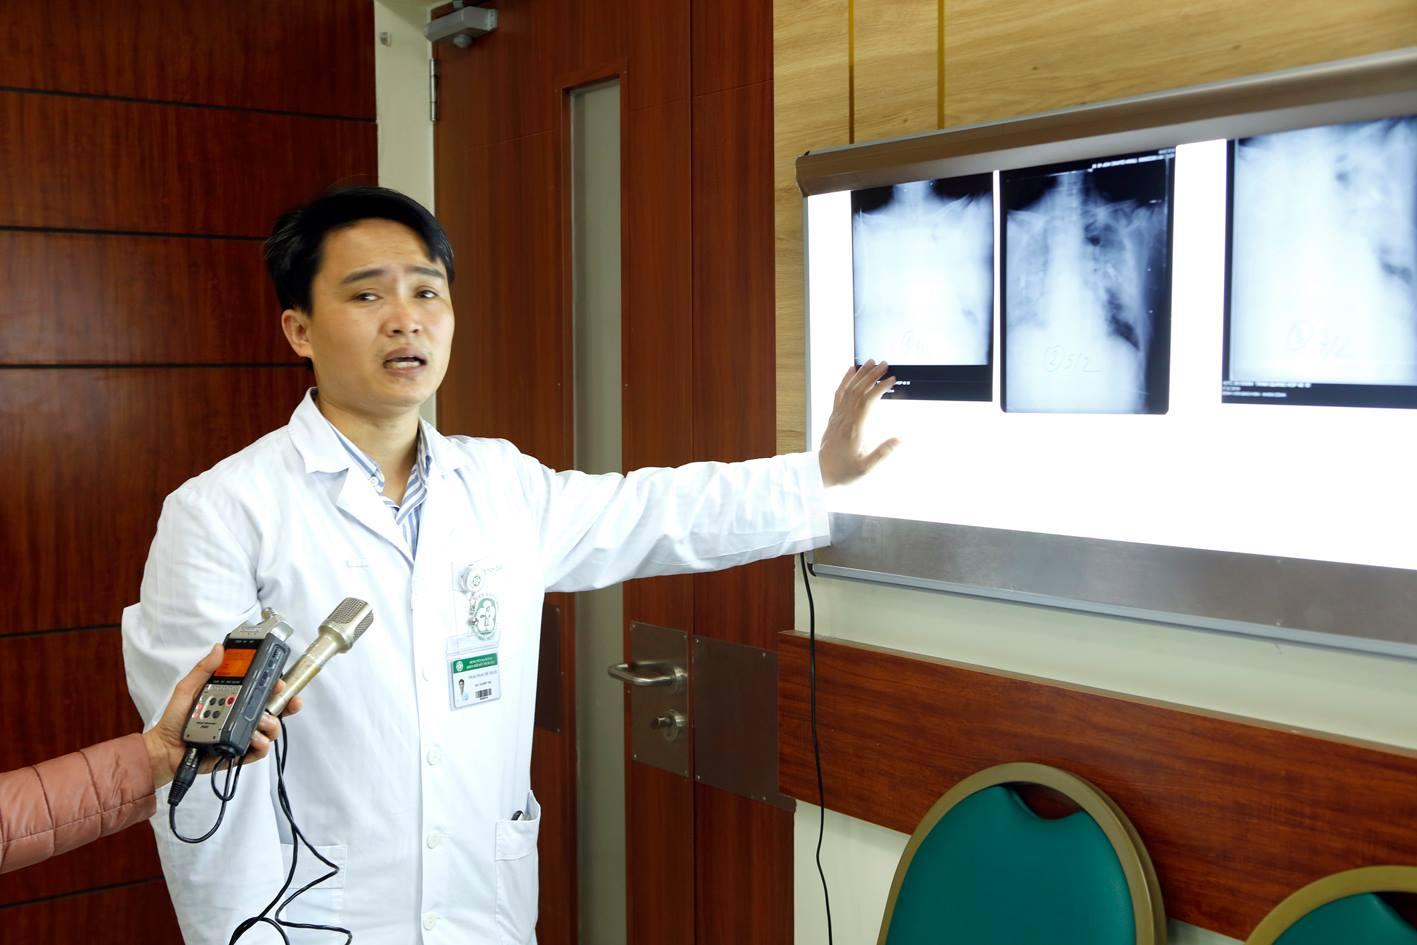 Cúm A/H1N1: Bệnh cúm mùa đang gây nguy hiểm cho nhiều người - Ảnh 3